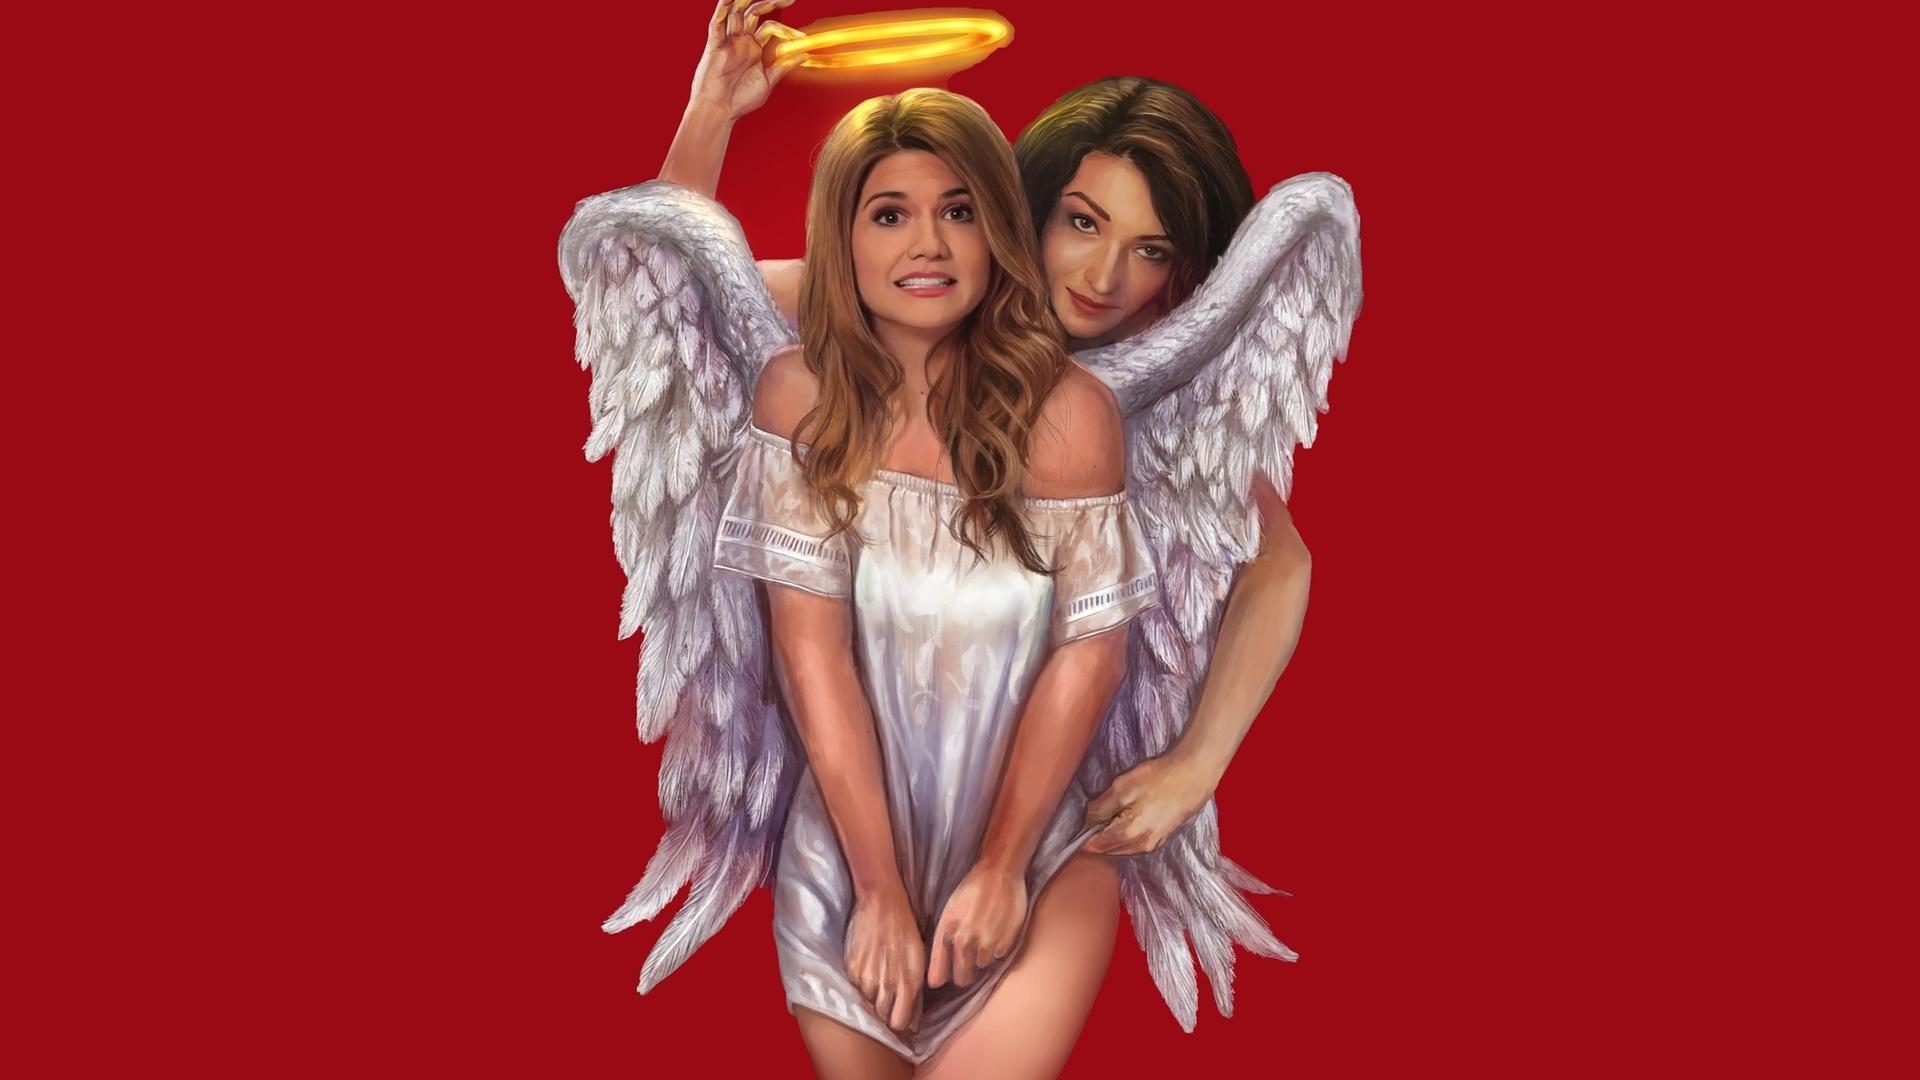 девочки-ангелы, ореол, красный, фон, 3d, digital art, девушки, ангелы